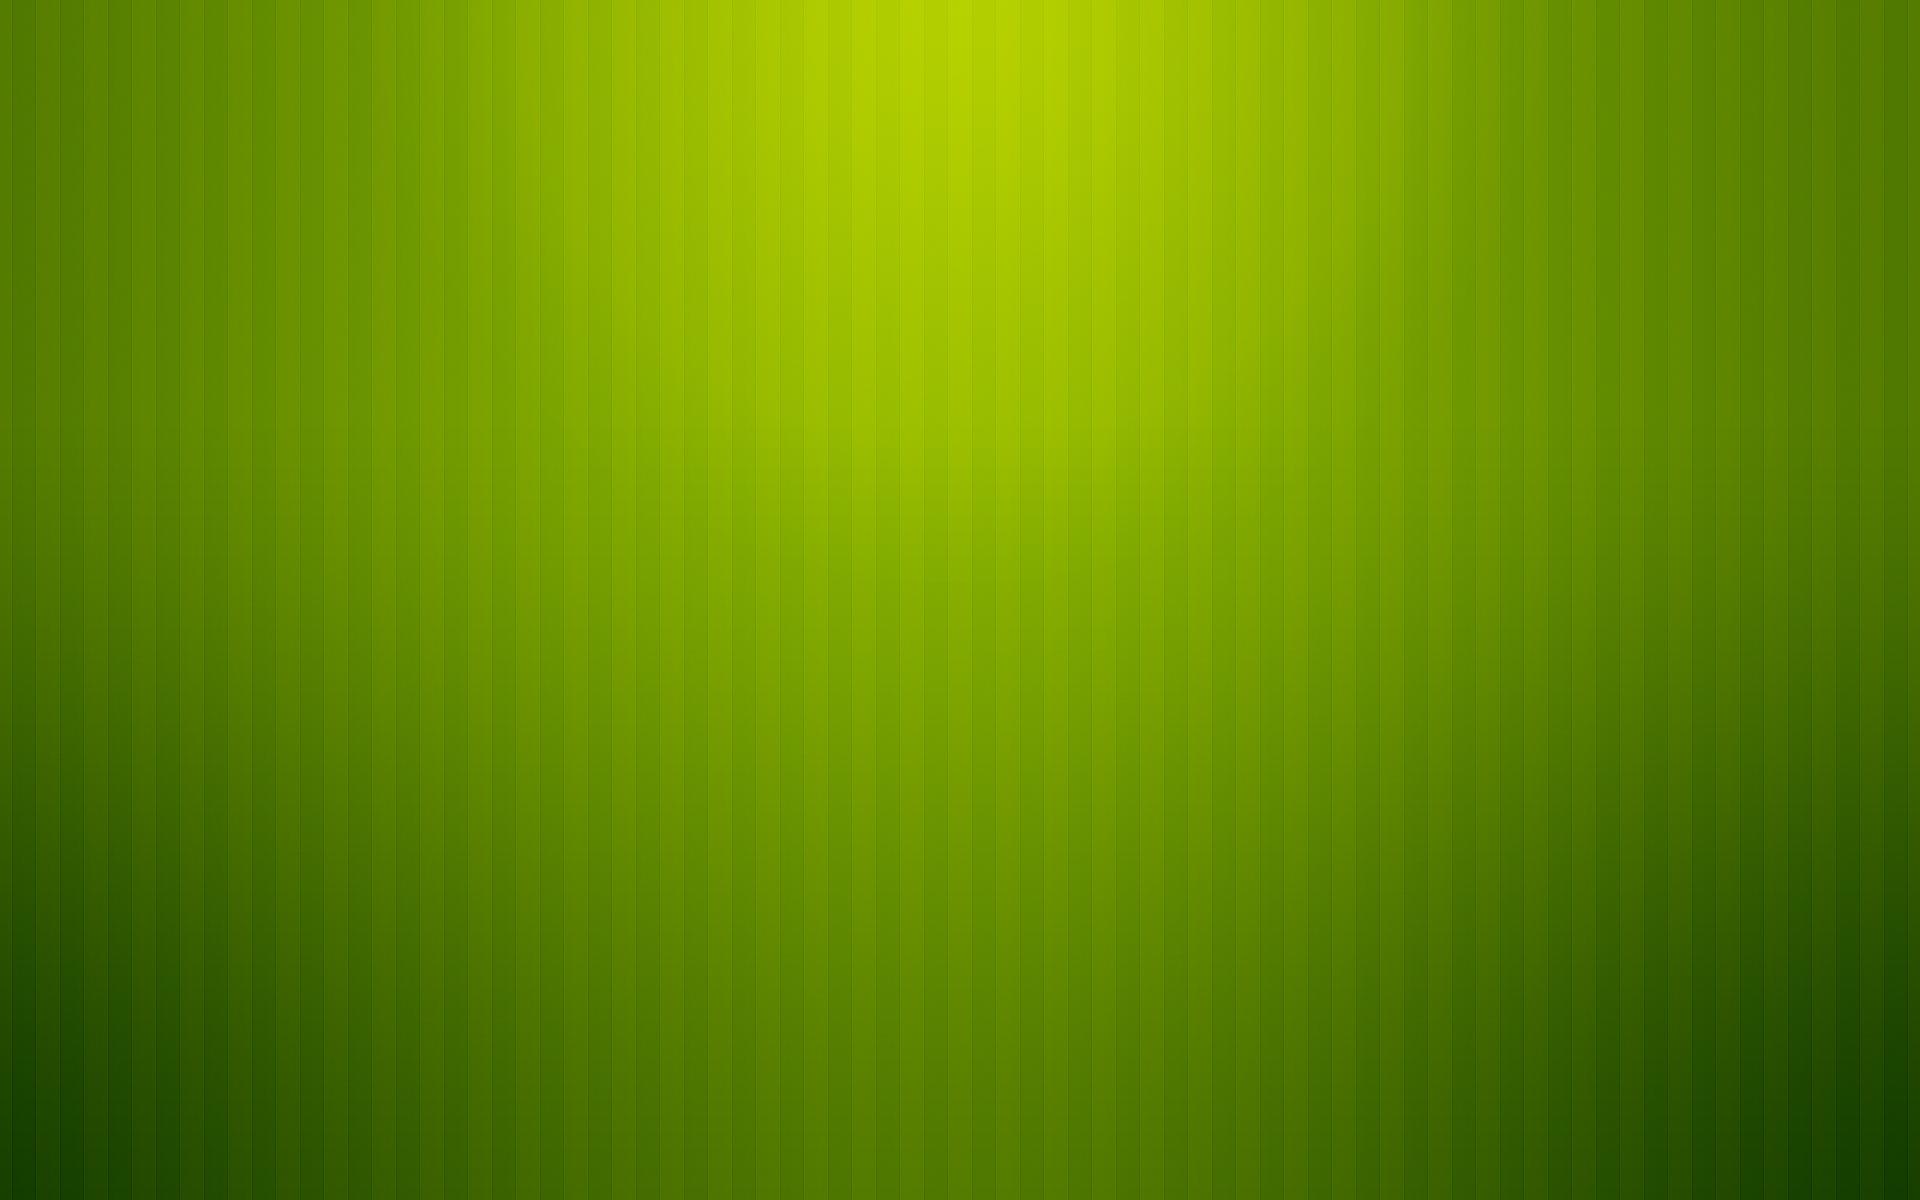 green textured wallpaper - photo #20